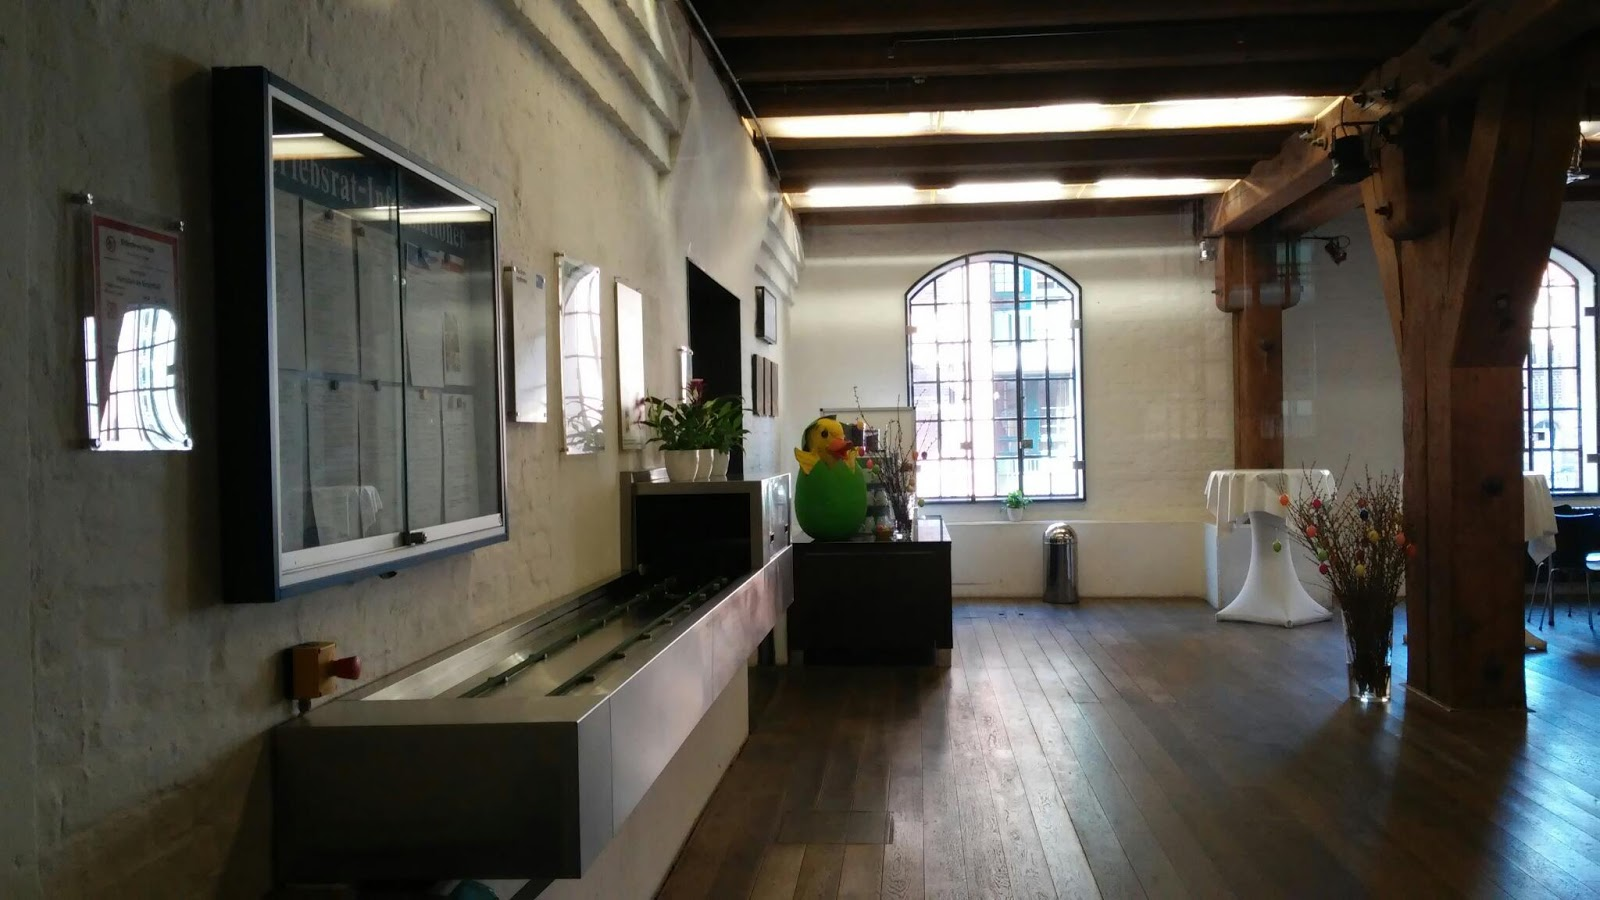 hhla kantine speicherstadt. Black Bedroom Furniture Sets. Home Design Ideas